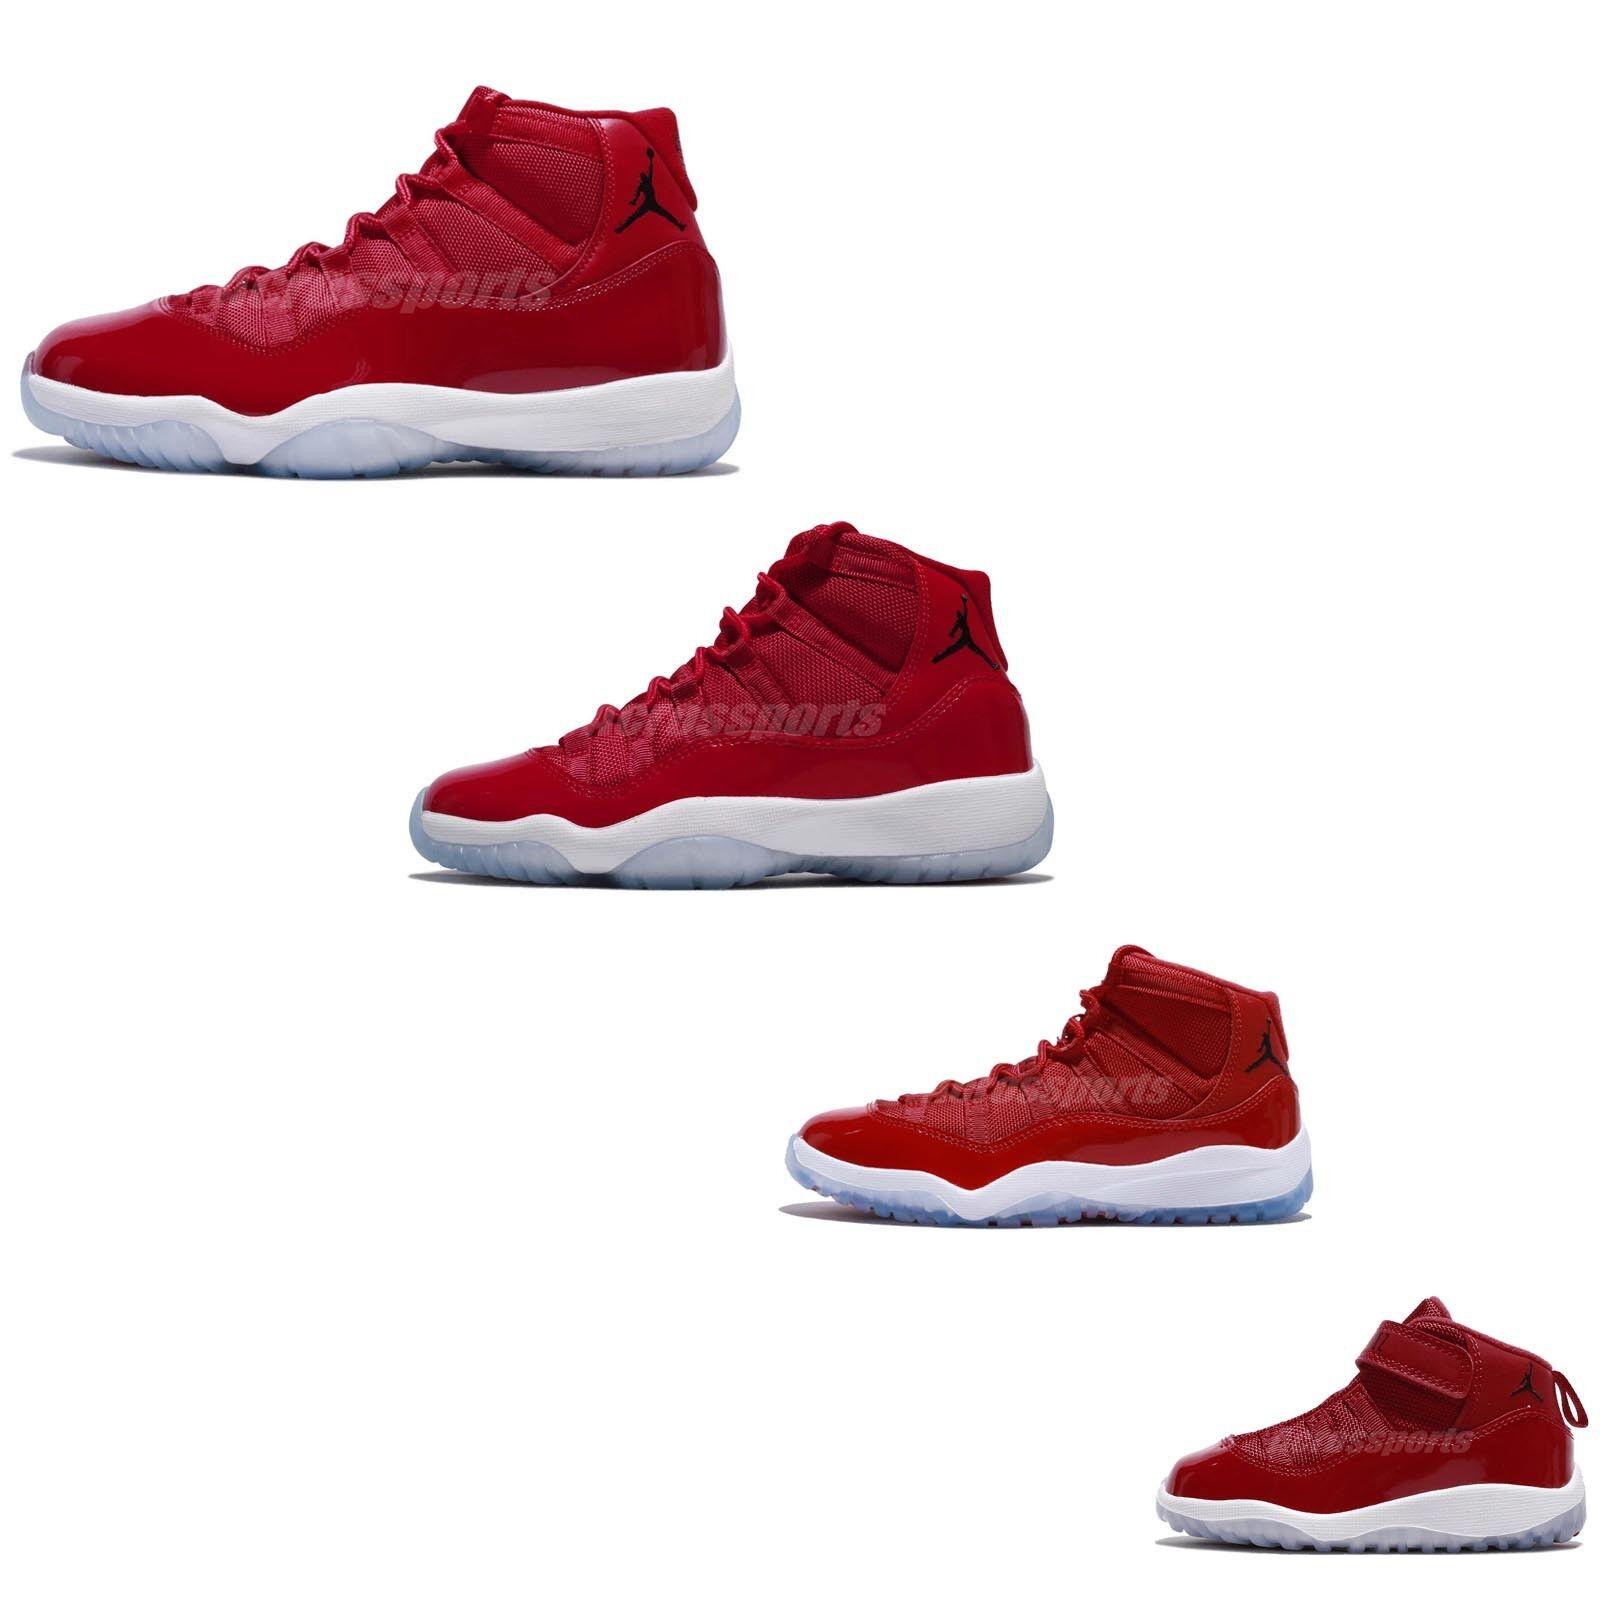 Nike Air Jordan 11 XI Retro